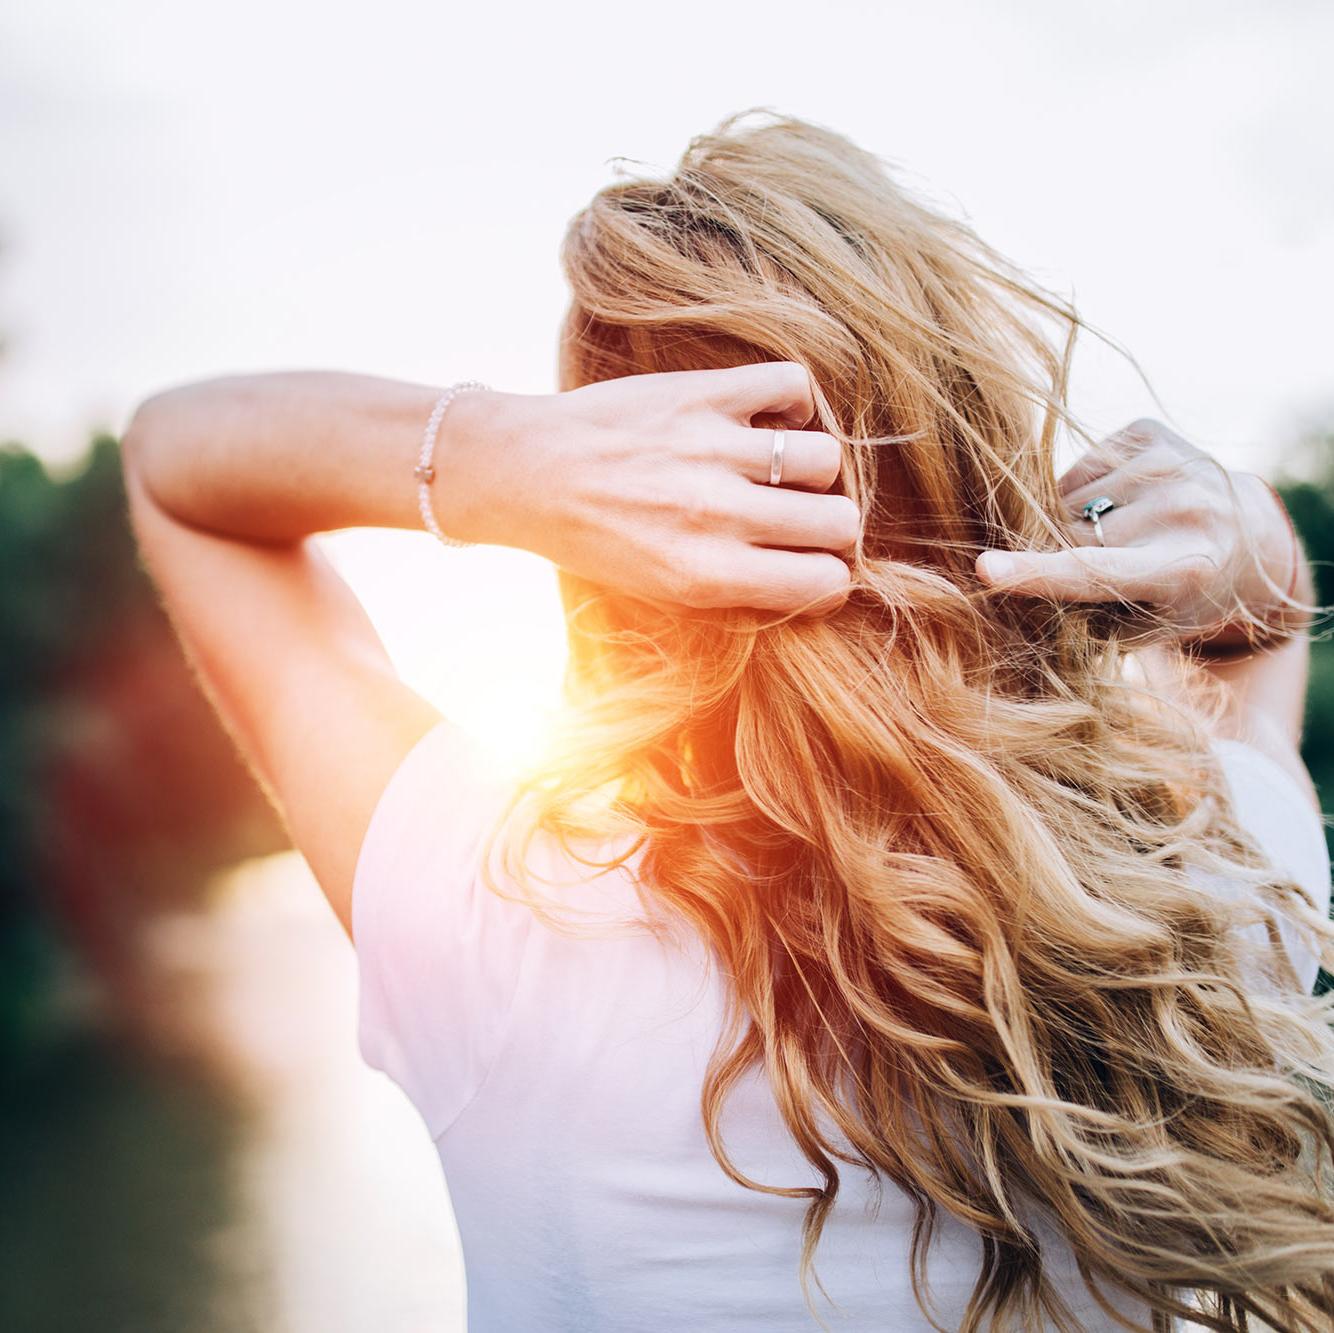 این ترفند به شما کمک میکند تا موهایتان سریع بلند شود